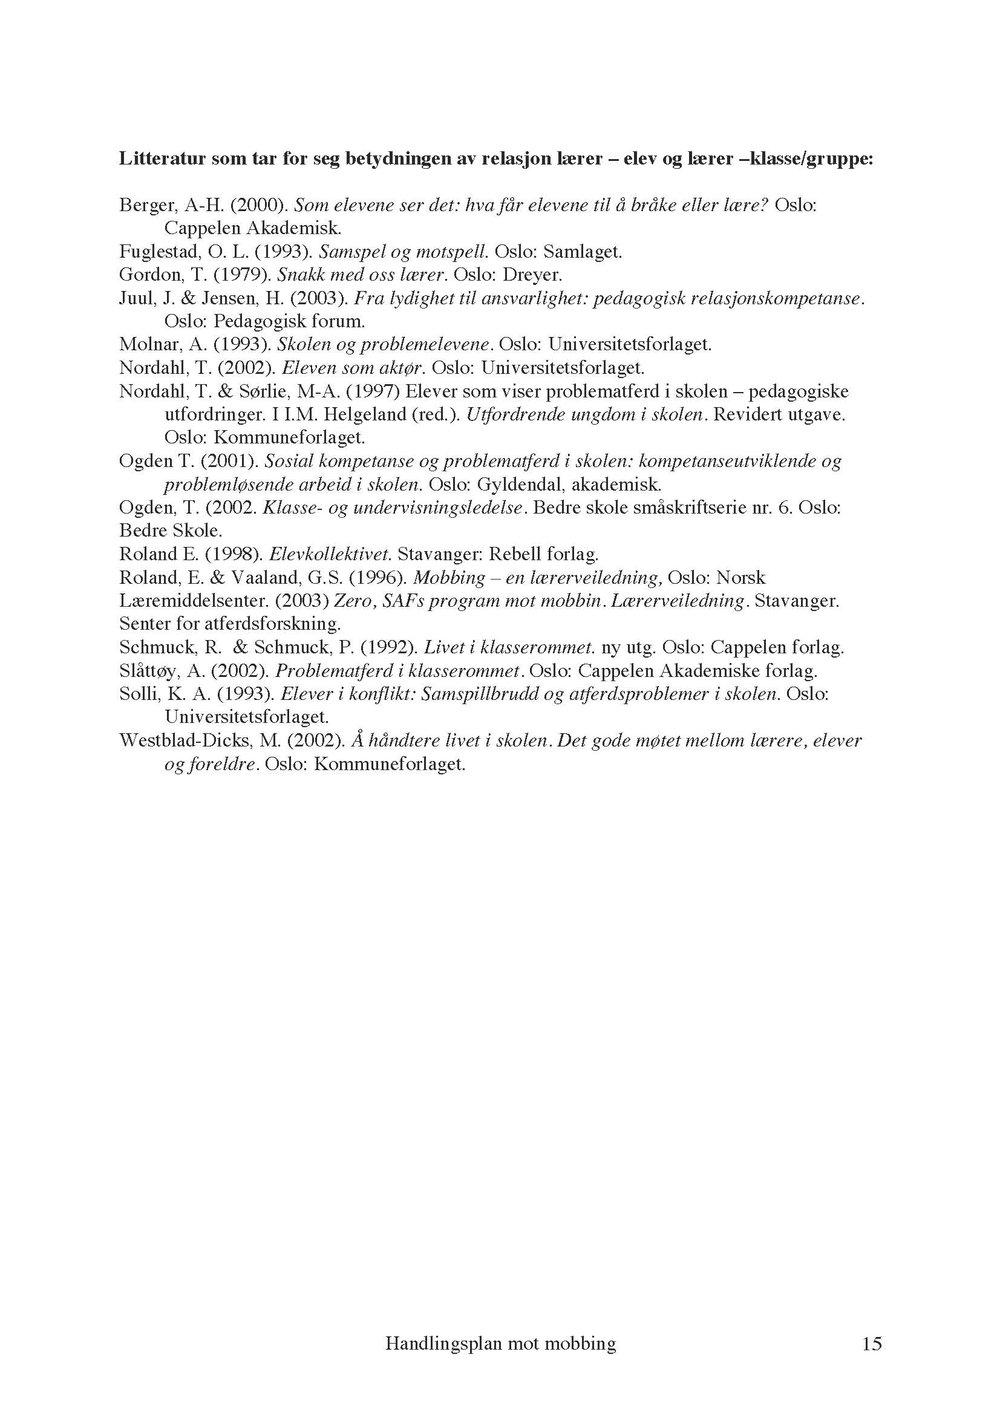 Handlingsplan mot mobbing _Page_15.jpg